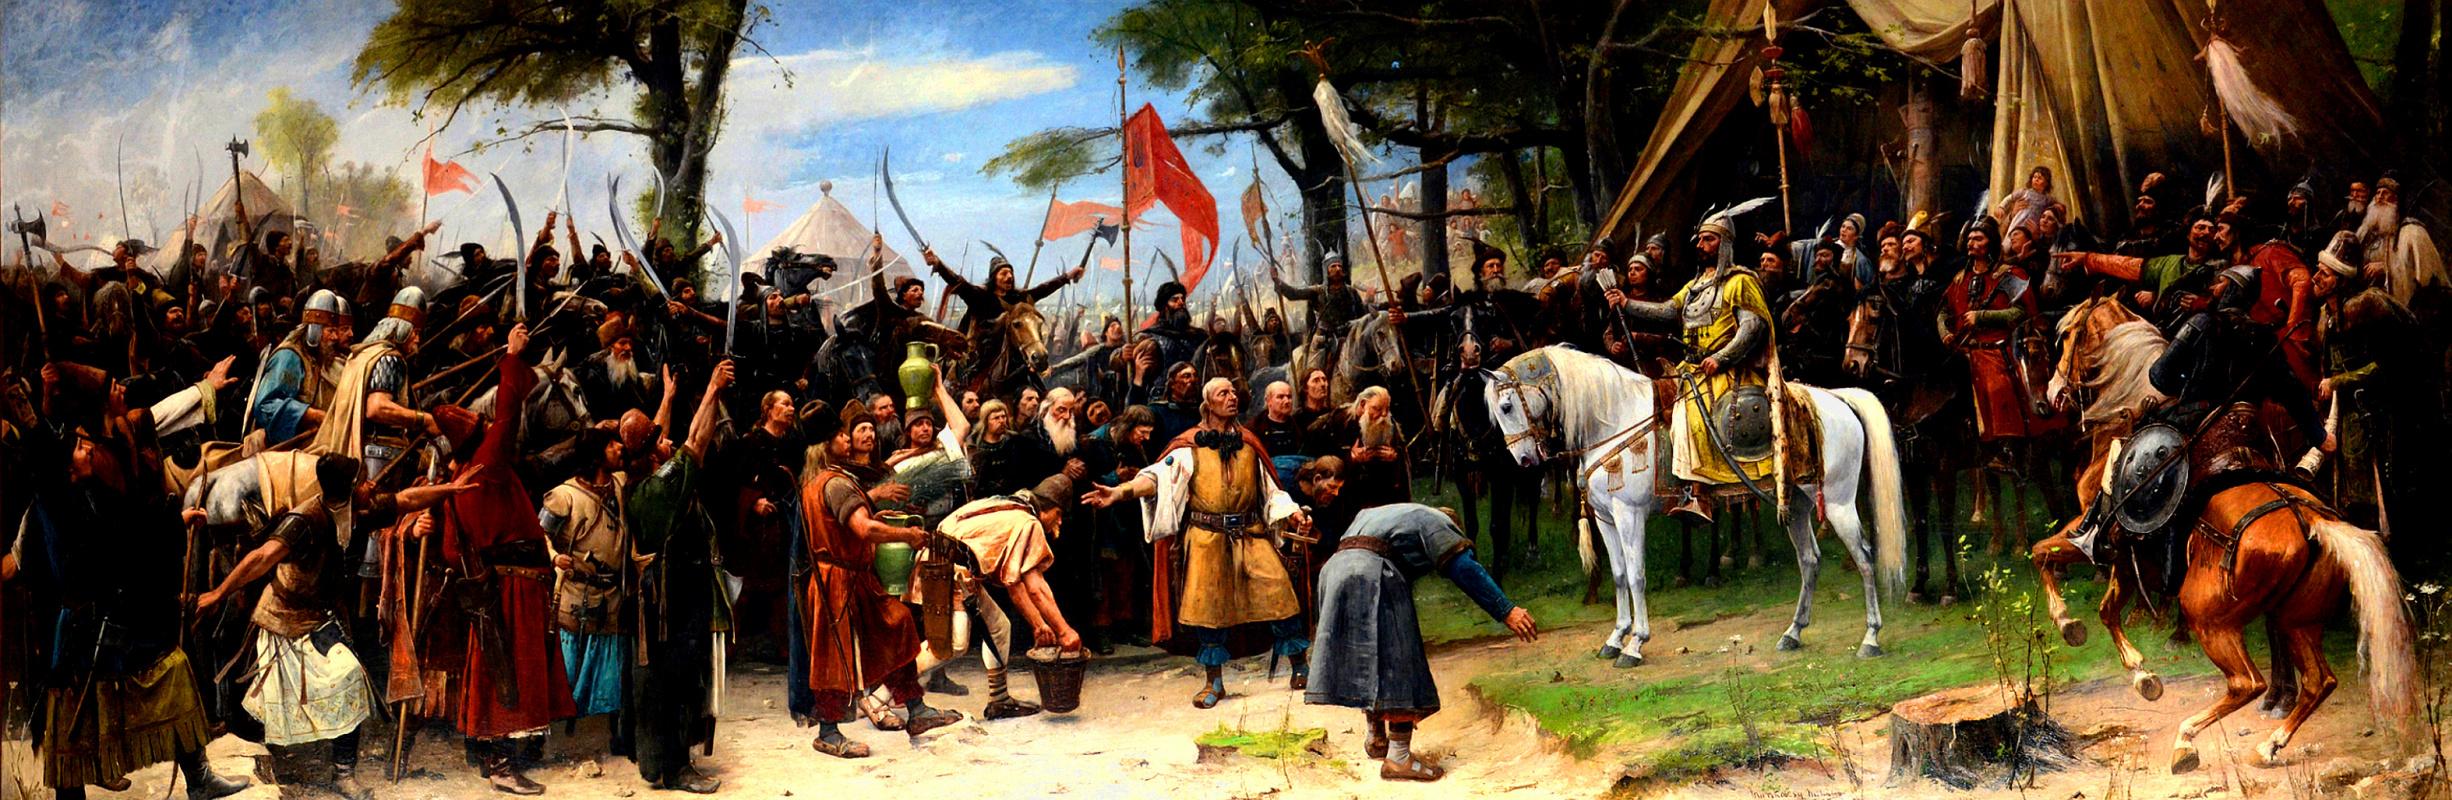 Михай Либ Мункачи. Завоевание. Поселение мадьяр в Венгрии (соавторство - Марсель Тиханьи)